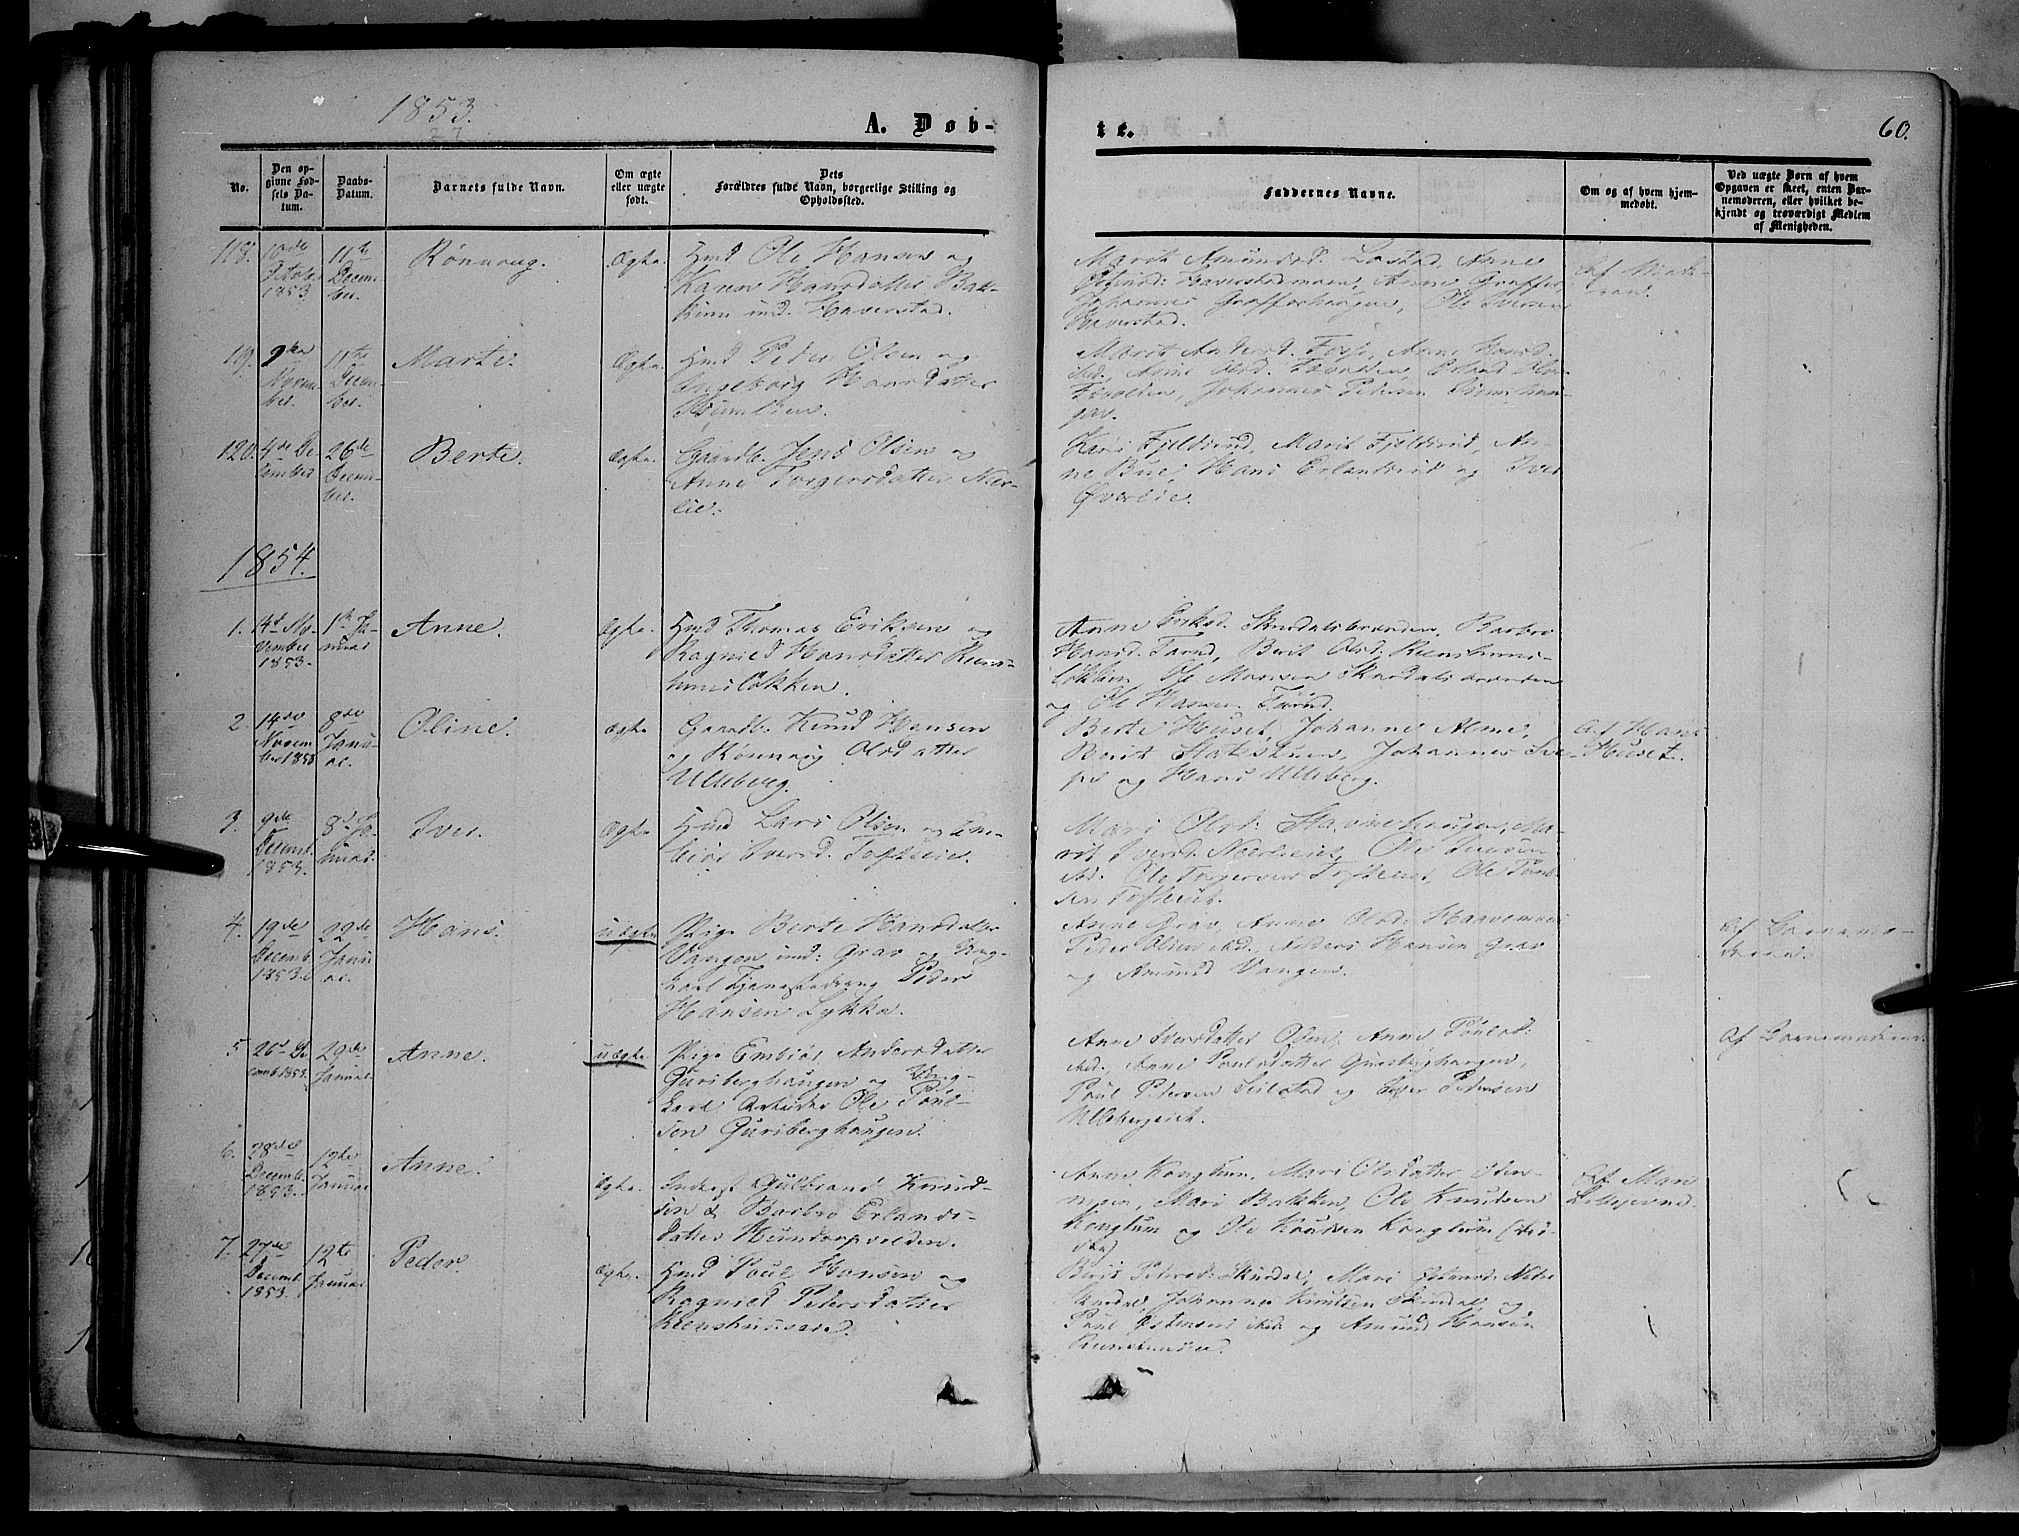 SAH, Sør-Fron prestekontor, H/Ha/Haa/L0001: Ministerialbok nr. 1, 1849-1863, s. 60